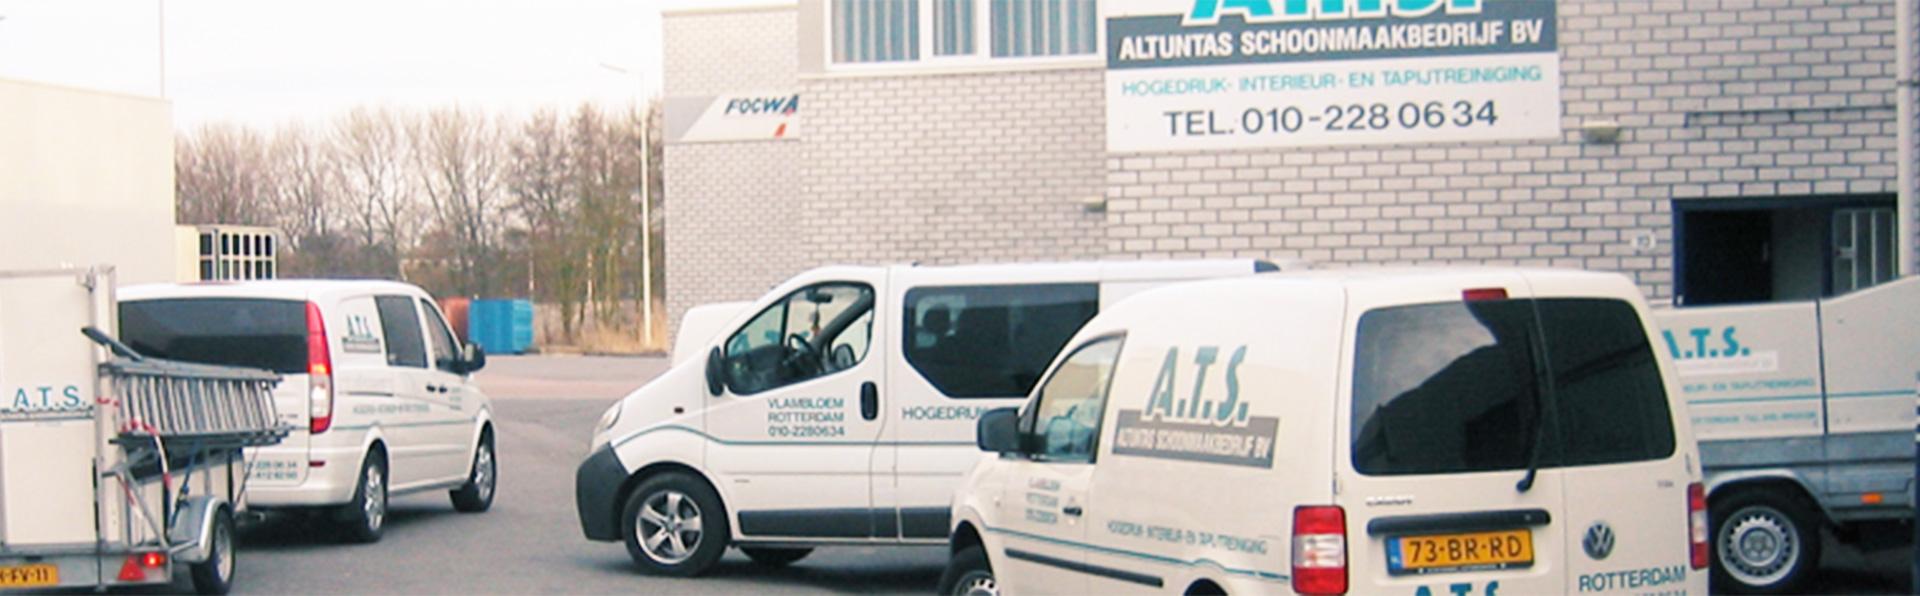 Schoonmaakbedrijf-Rotterdam-ATS-header